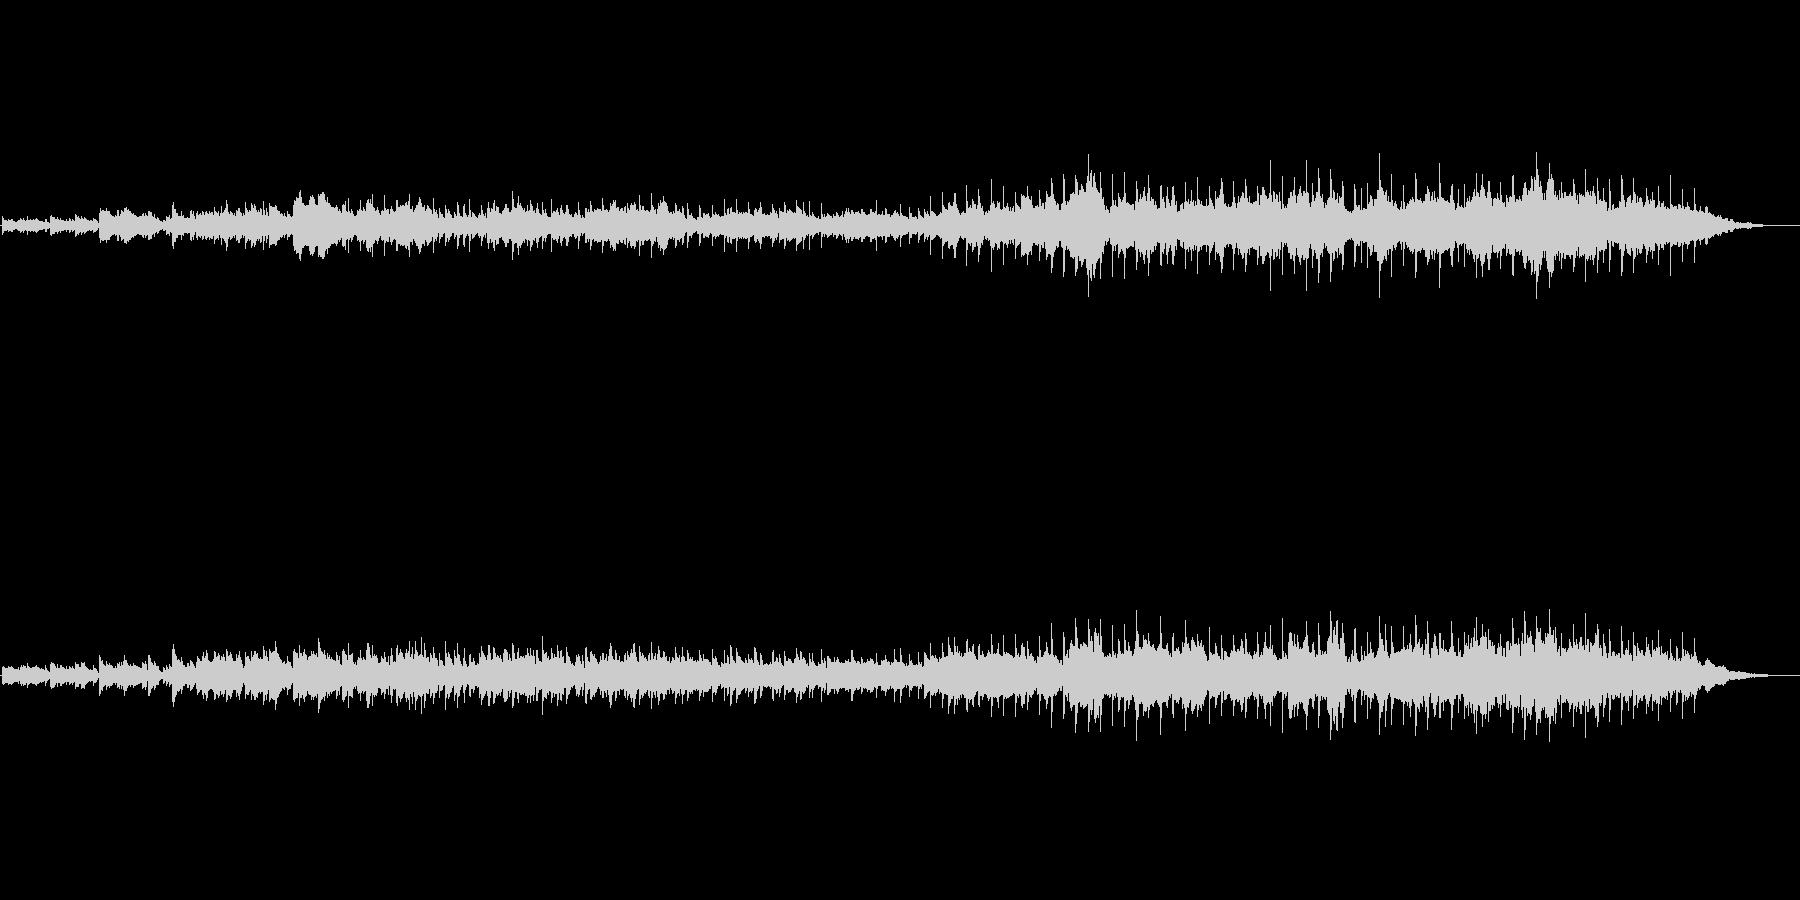 ギターのバラード曲の未再生の波形